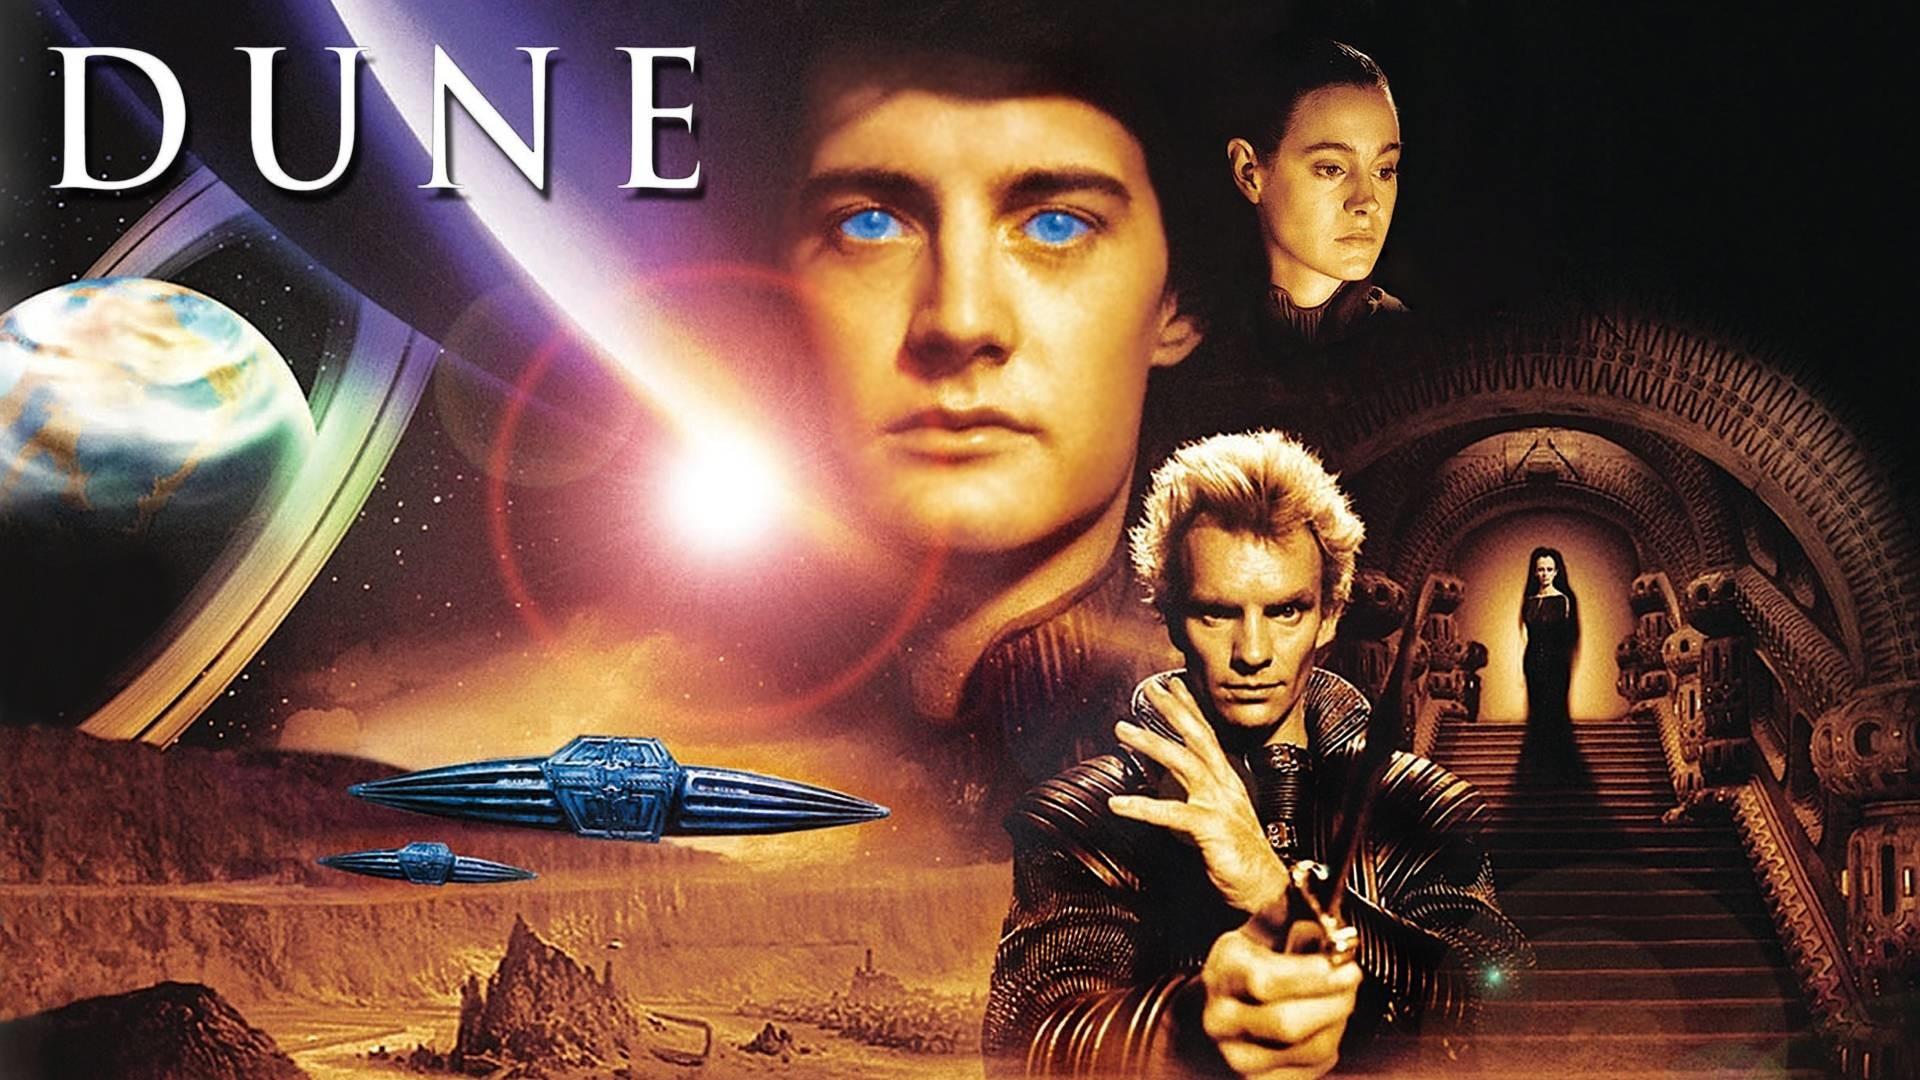 Dune (Wallpaper), Wallpaper for